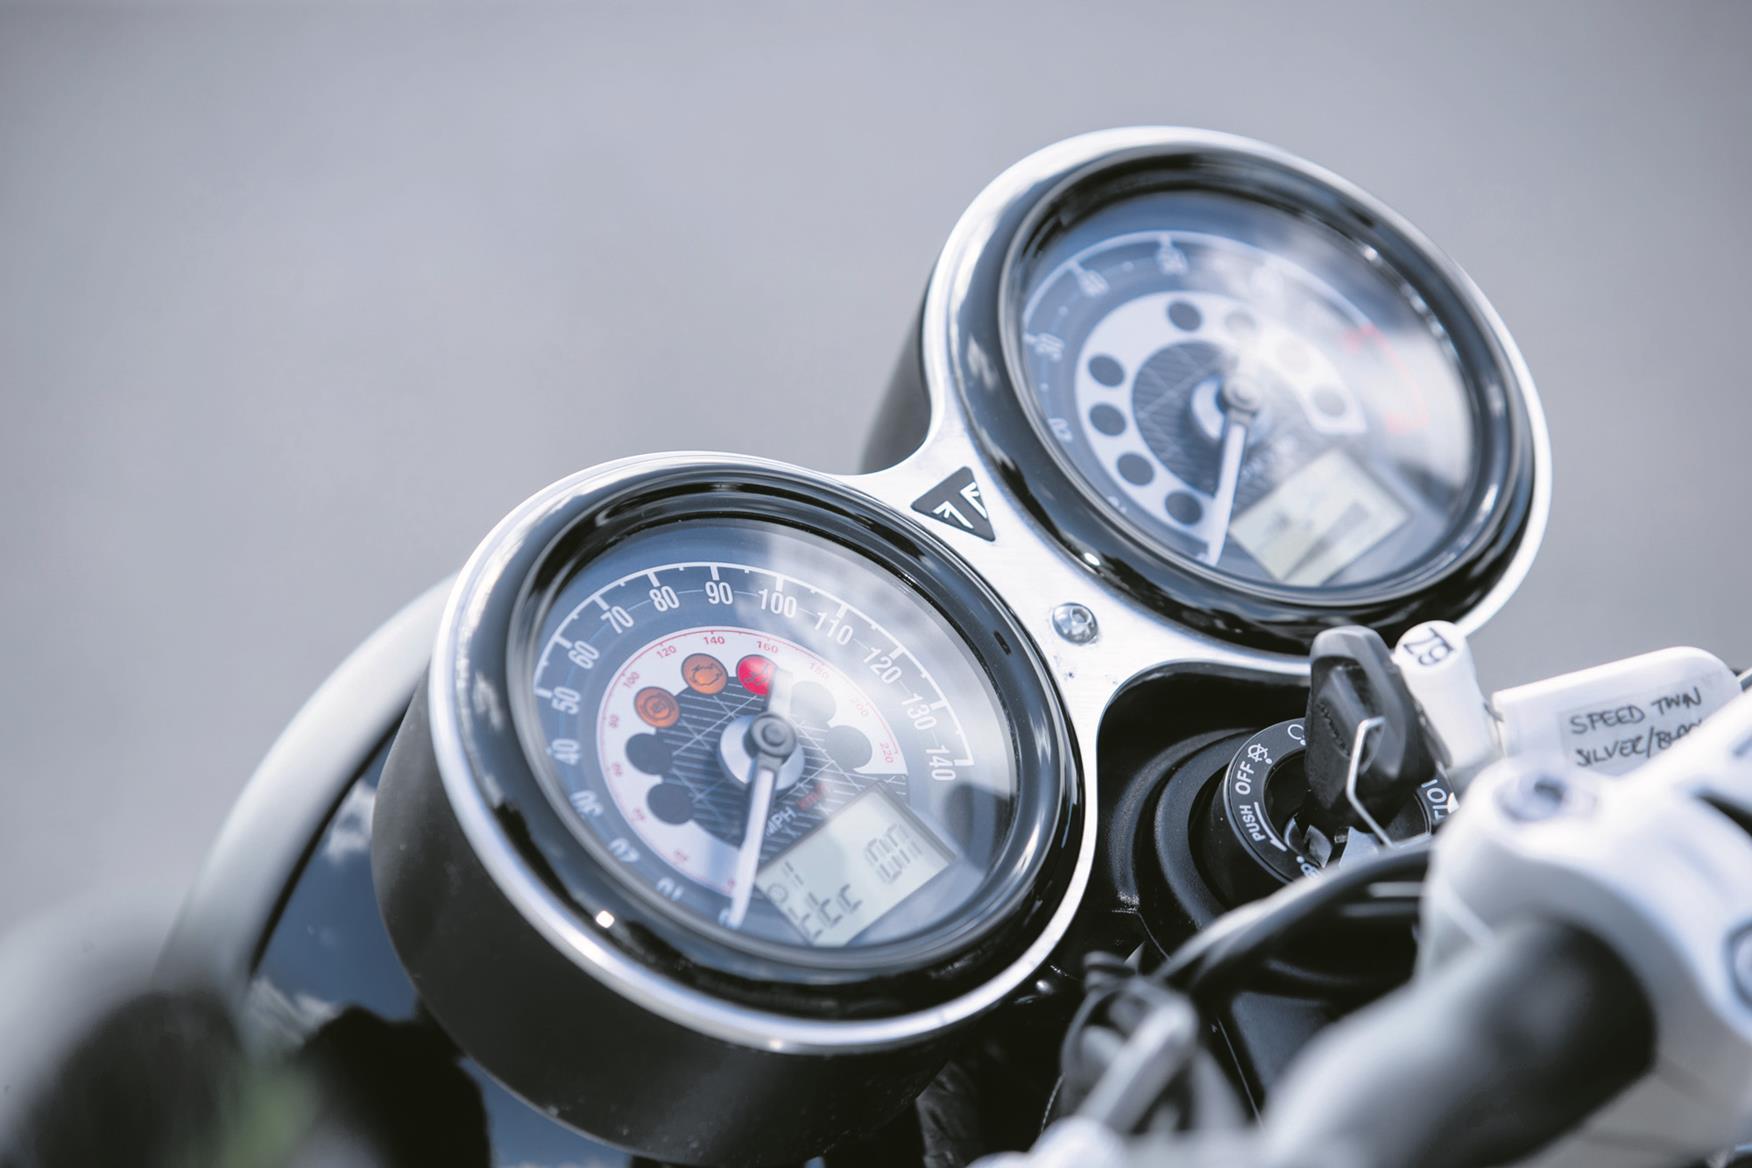 Triumph Speed Twin clocks